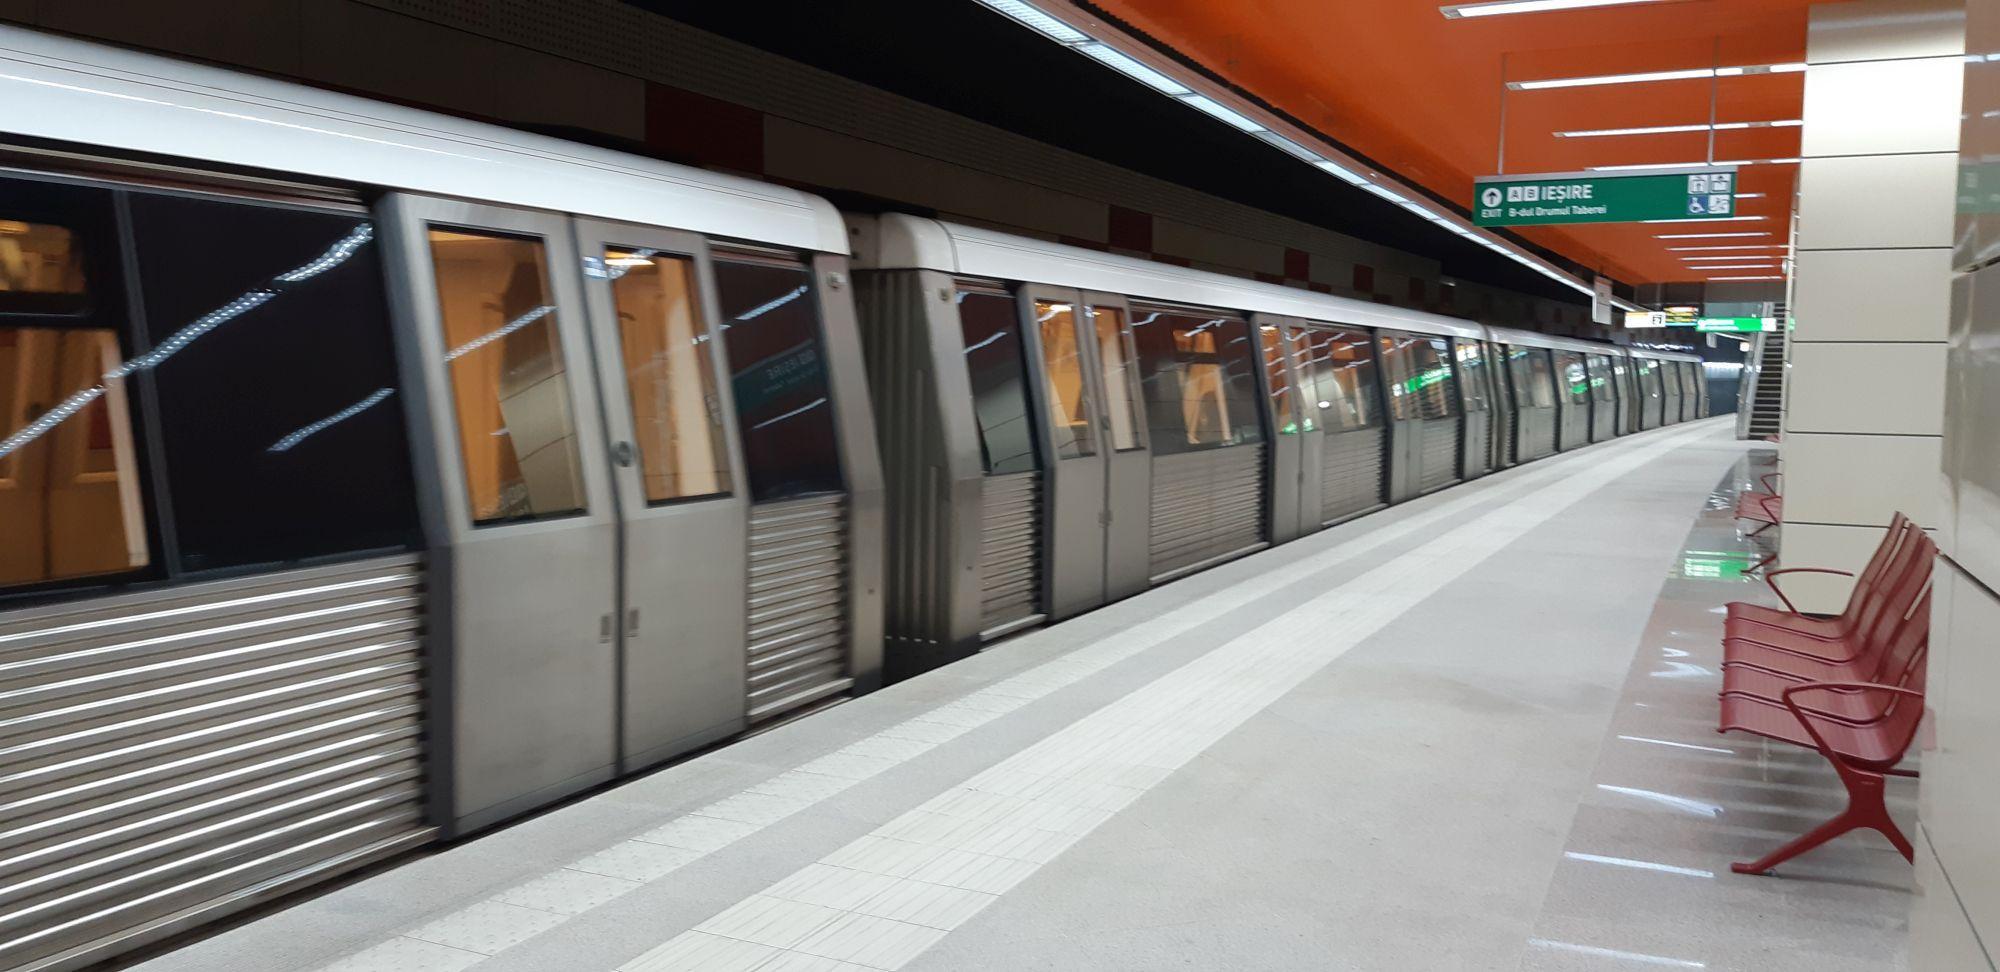 Toate spaţiile comerciale amplasate în incinta staţiilor de metrou trebuie eliberate până pe 2 aprilie